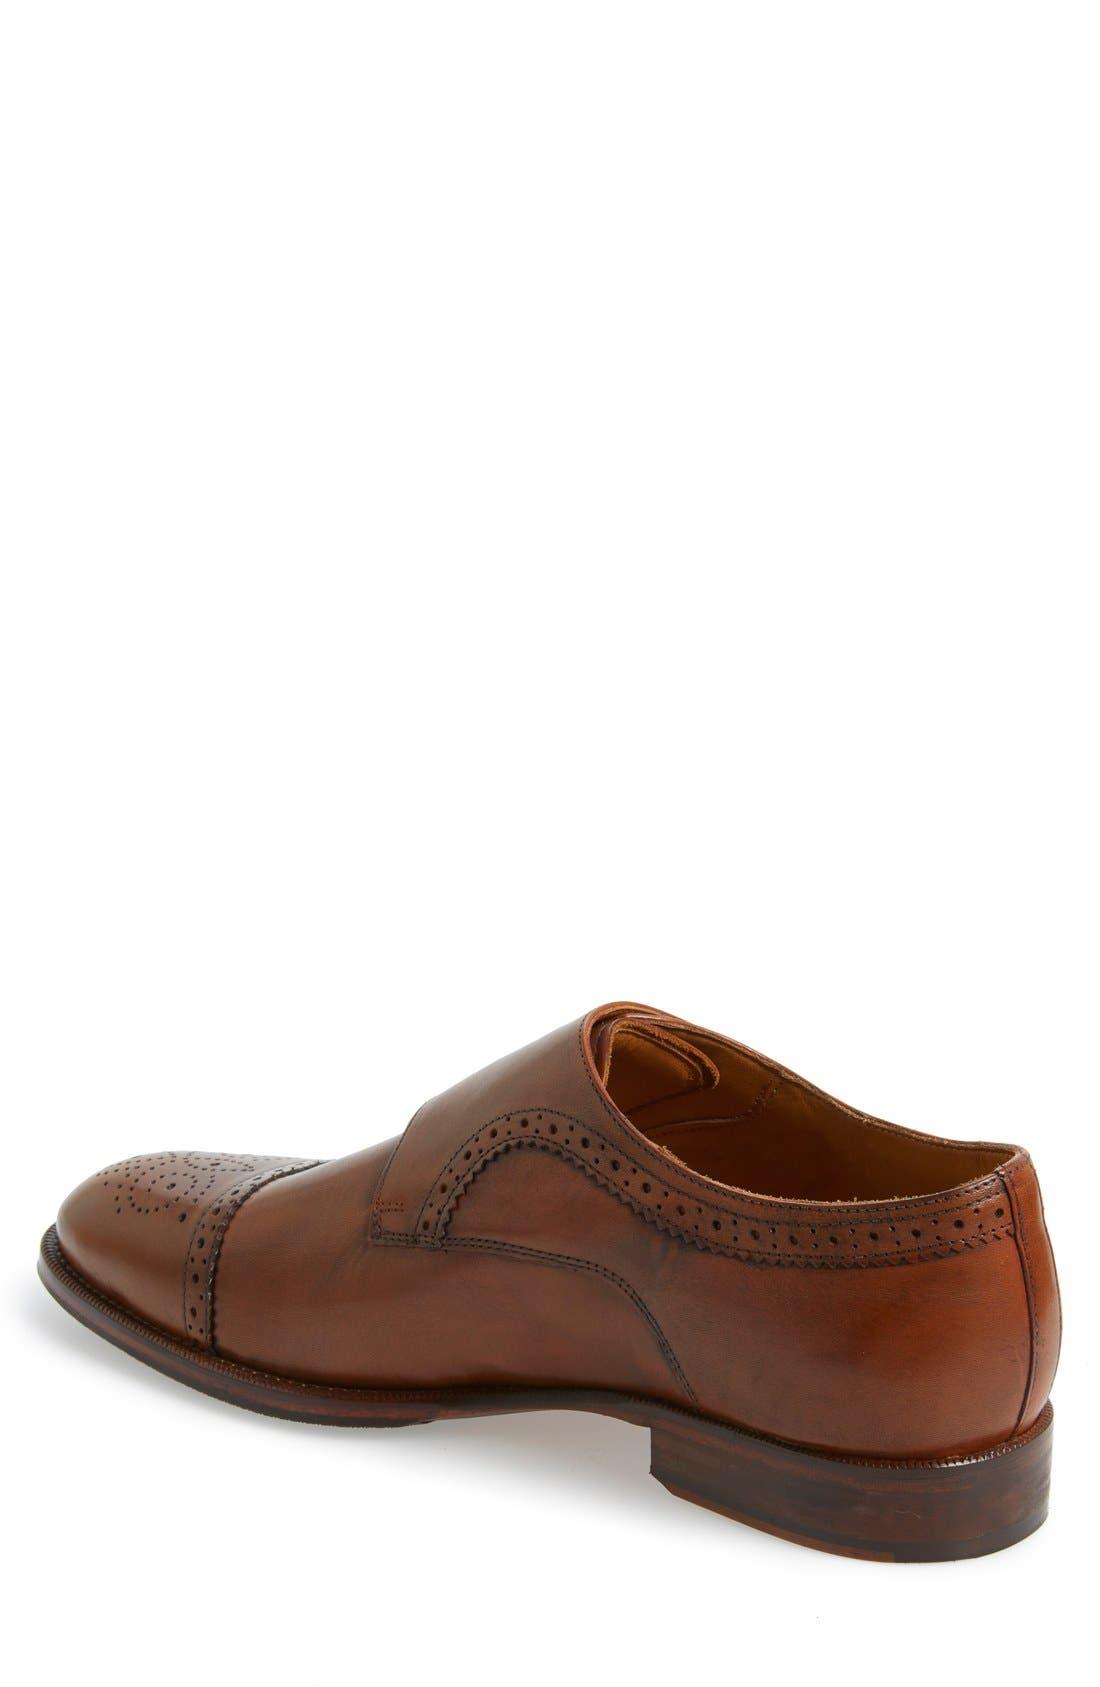 'Briant' Double Monk Strap Shoe,                             Alternate thumbnail 2, color,                             Cognac Leather